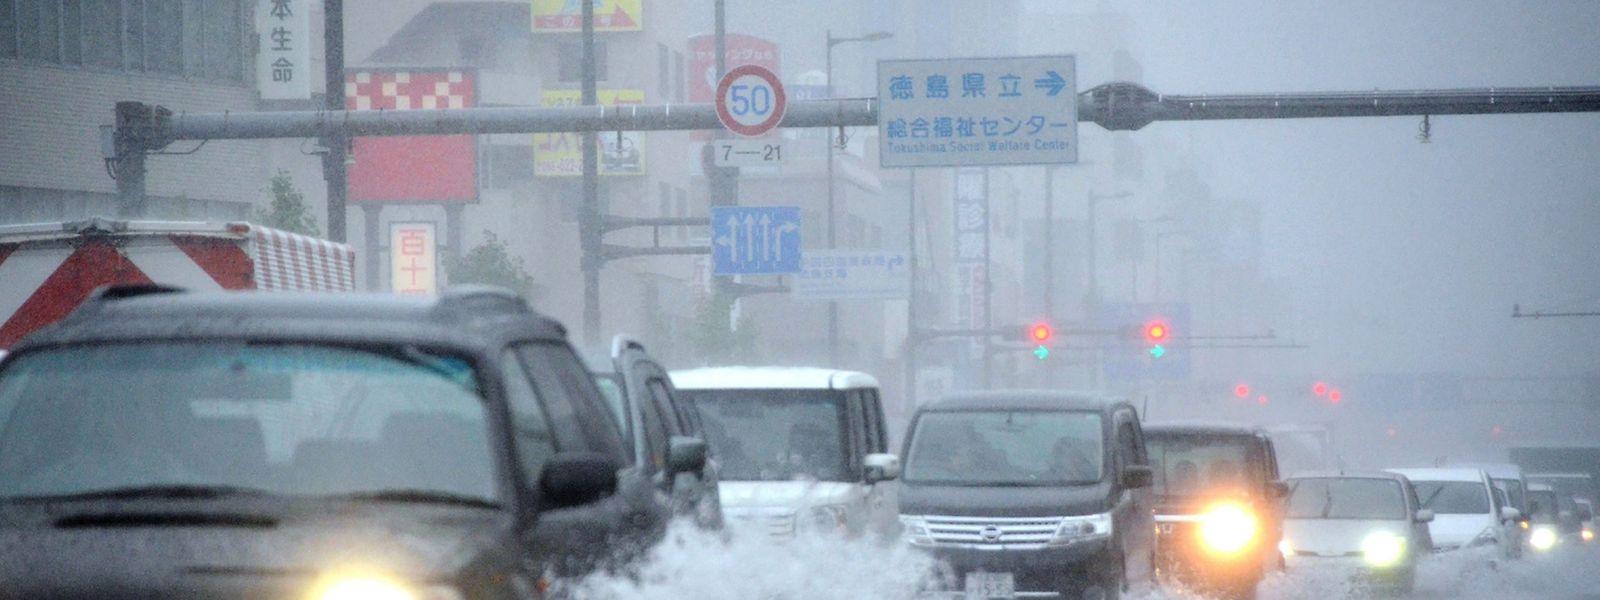 """Taifun """"Malaka"""" sorgte für Verkehrsbehinderungen."""